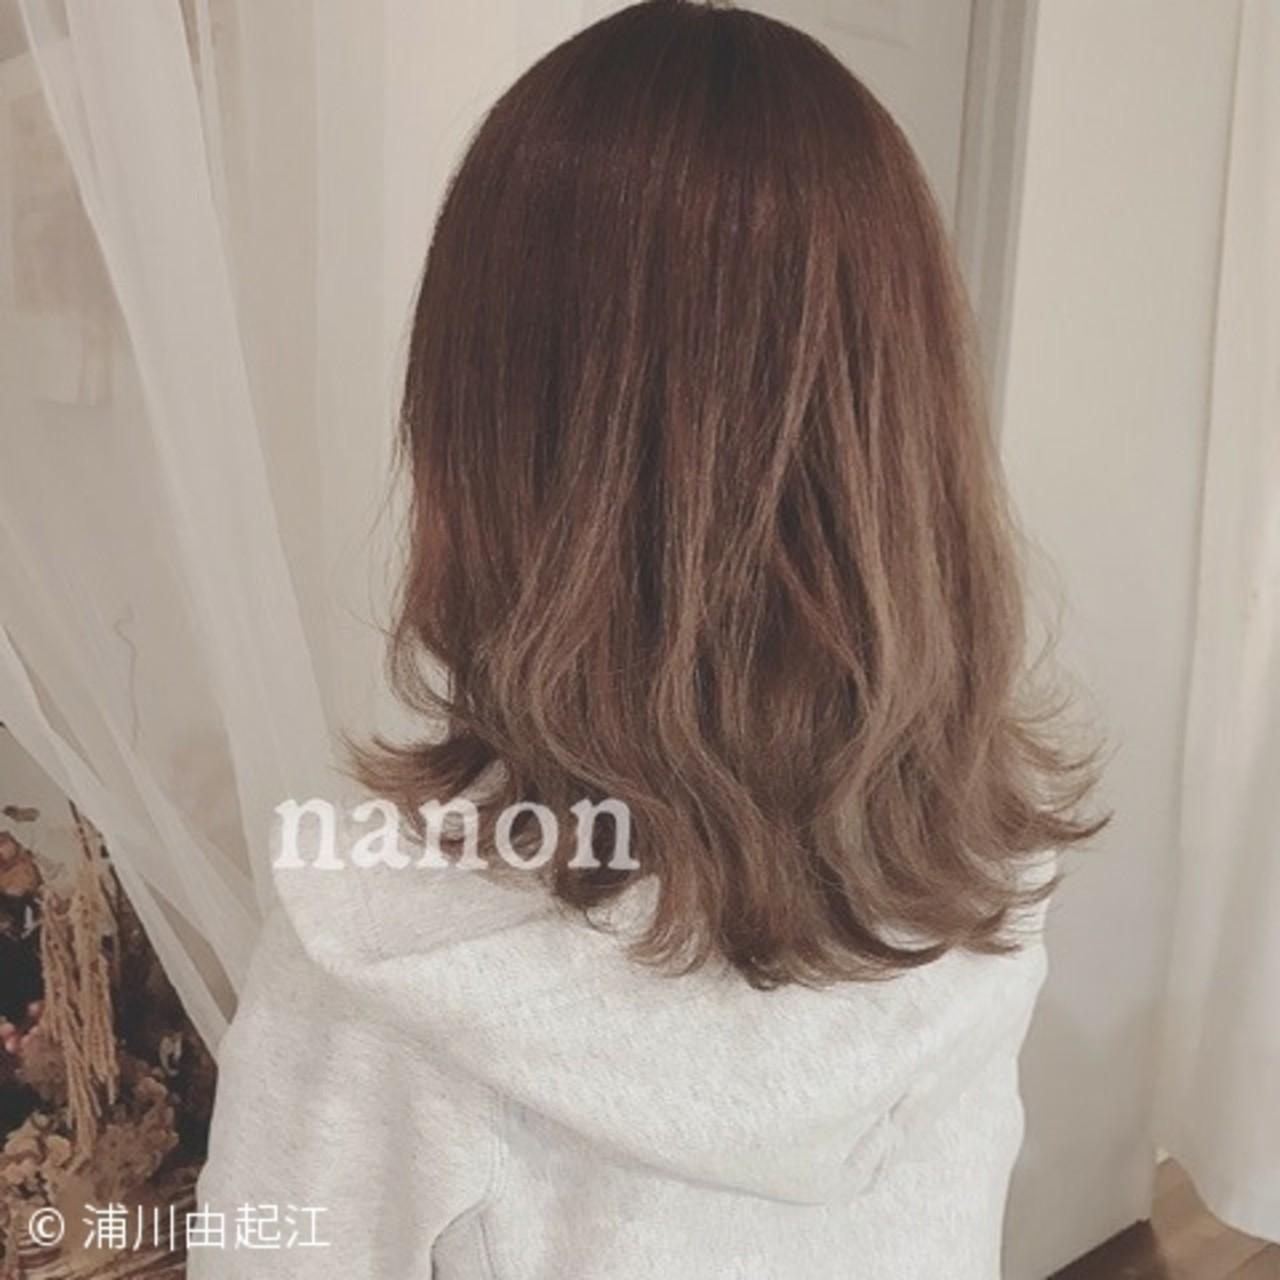 大人かわいい フェミニン アンニュイほつれヘア インナーカラー ヘアスタイルや髪型の写真・画像